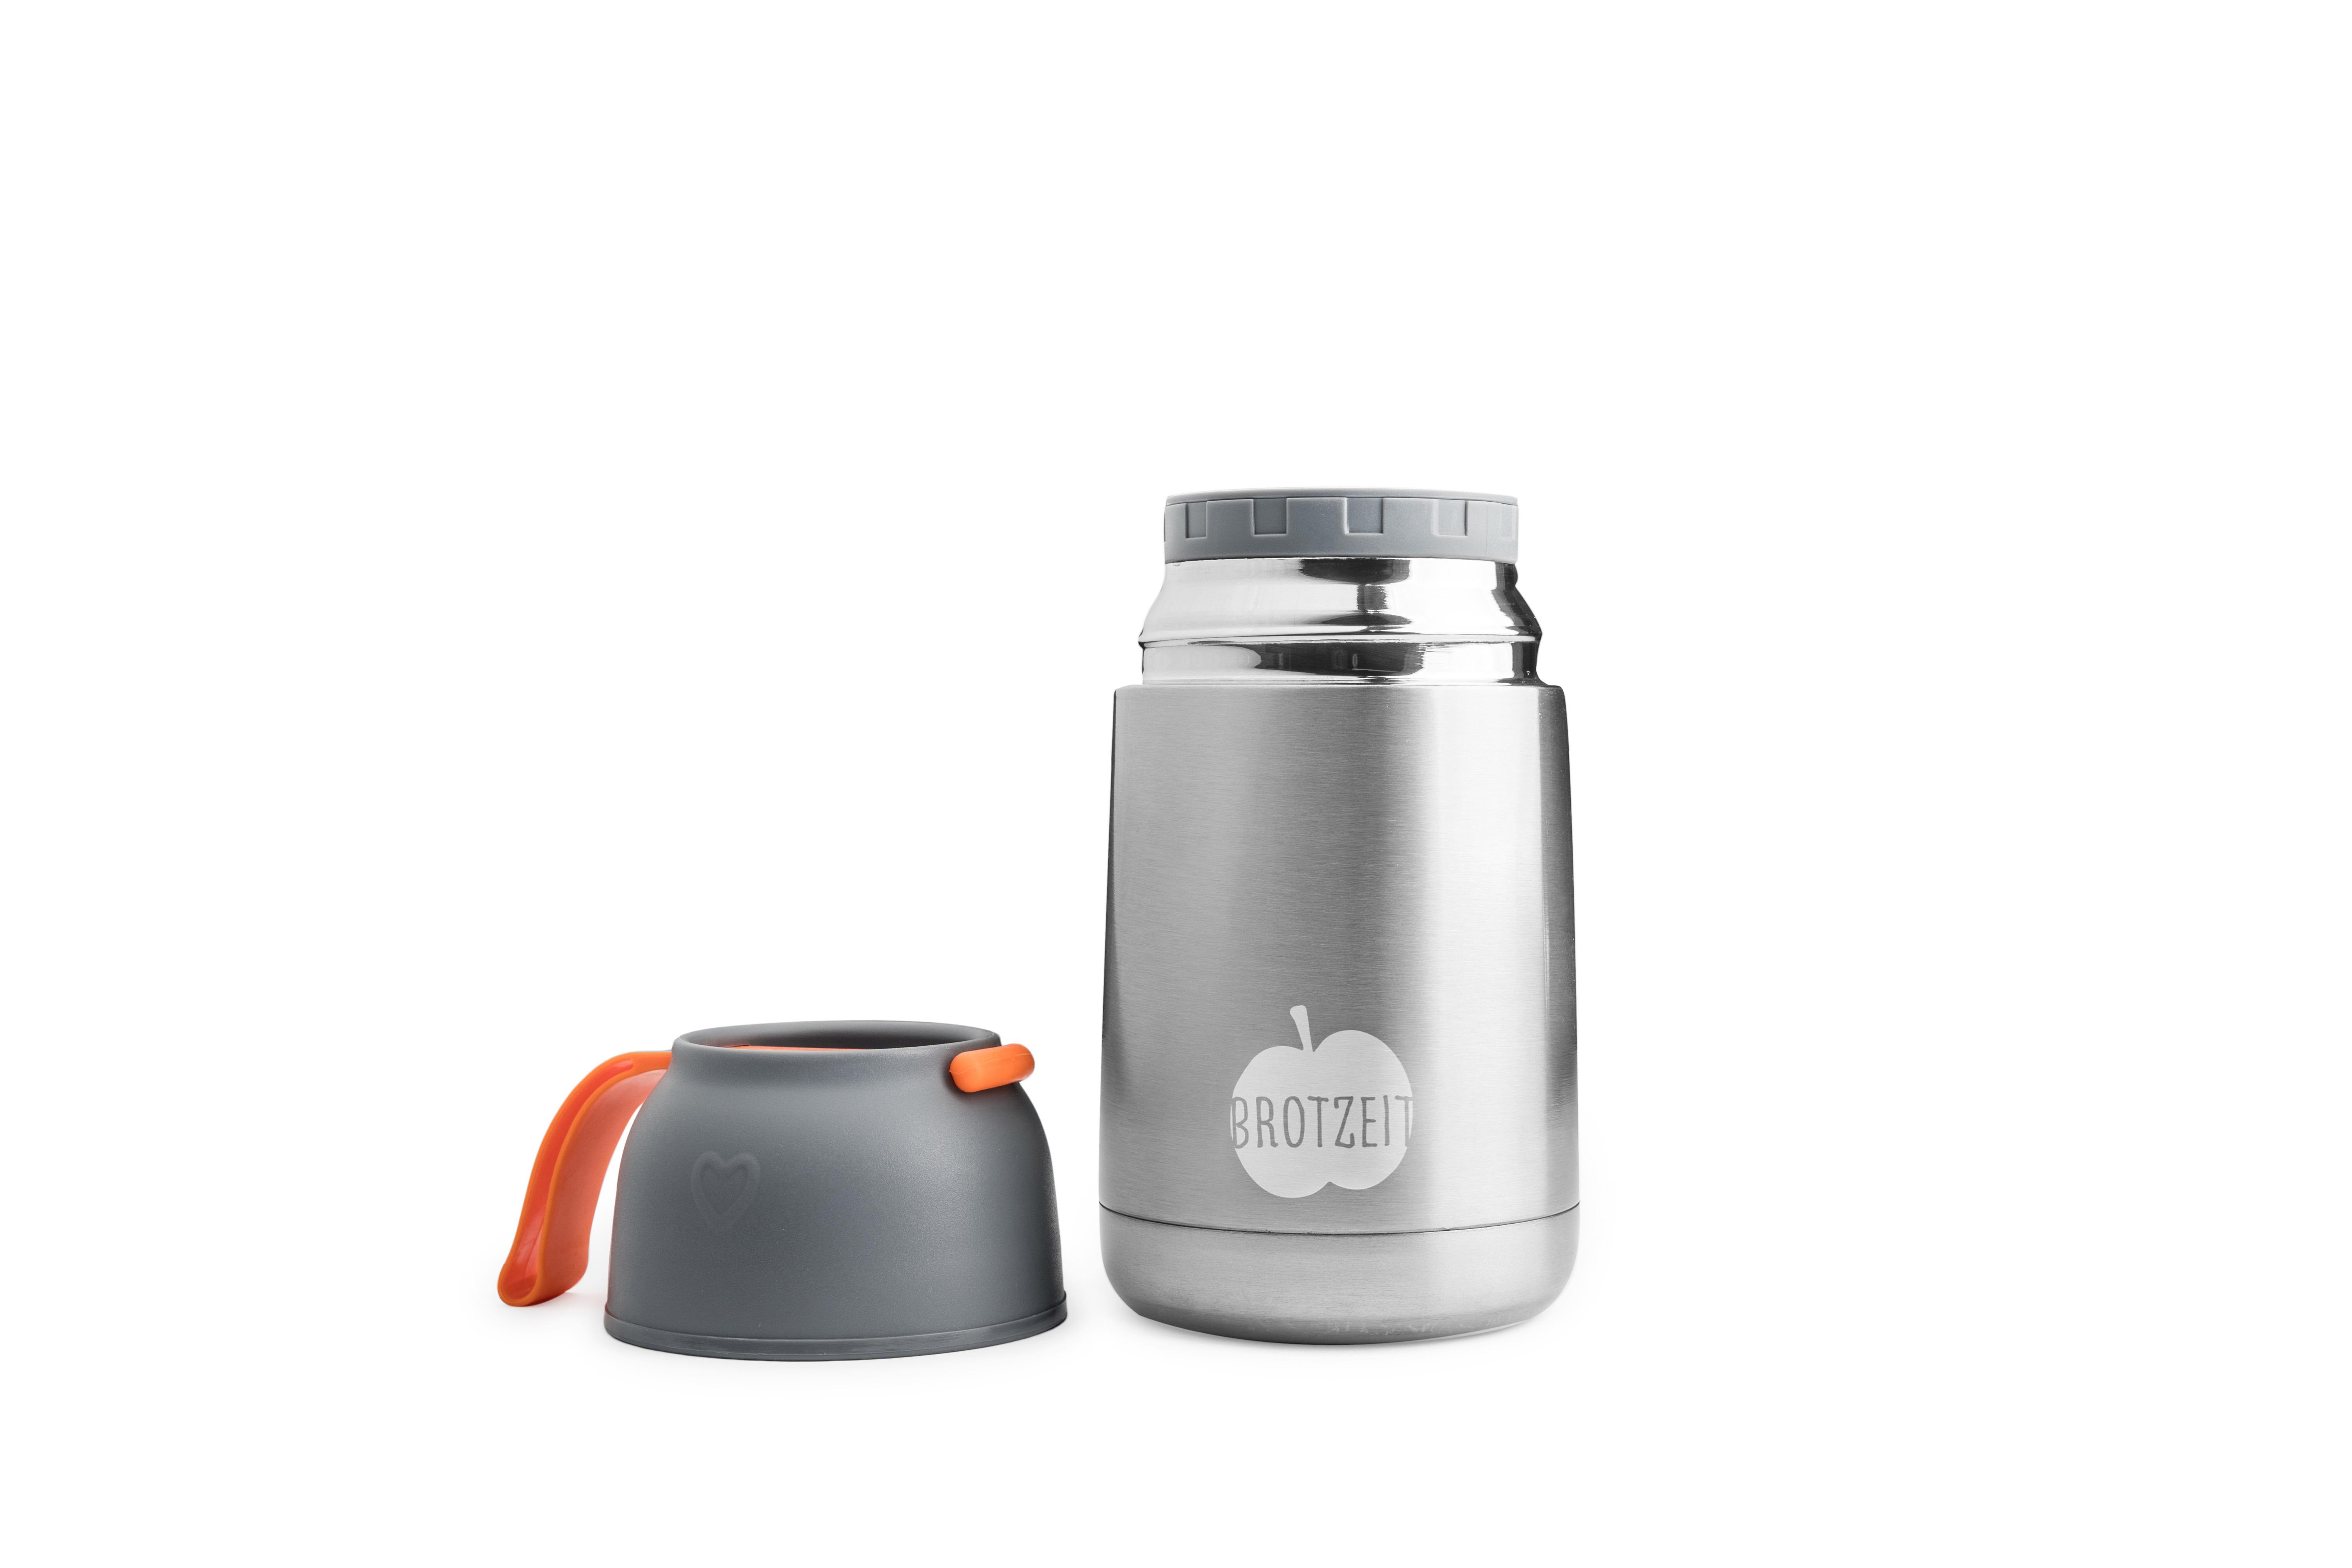 Brotzeit Thermobehälter für Babybrei und Suppen